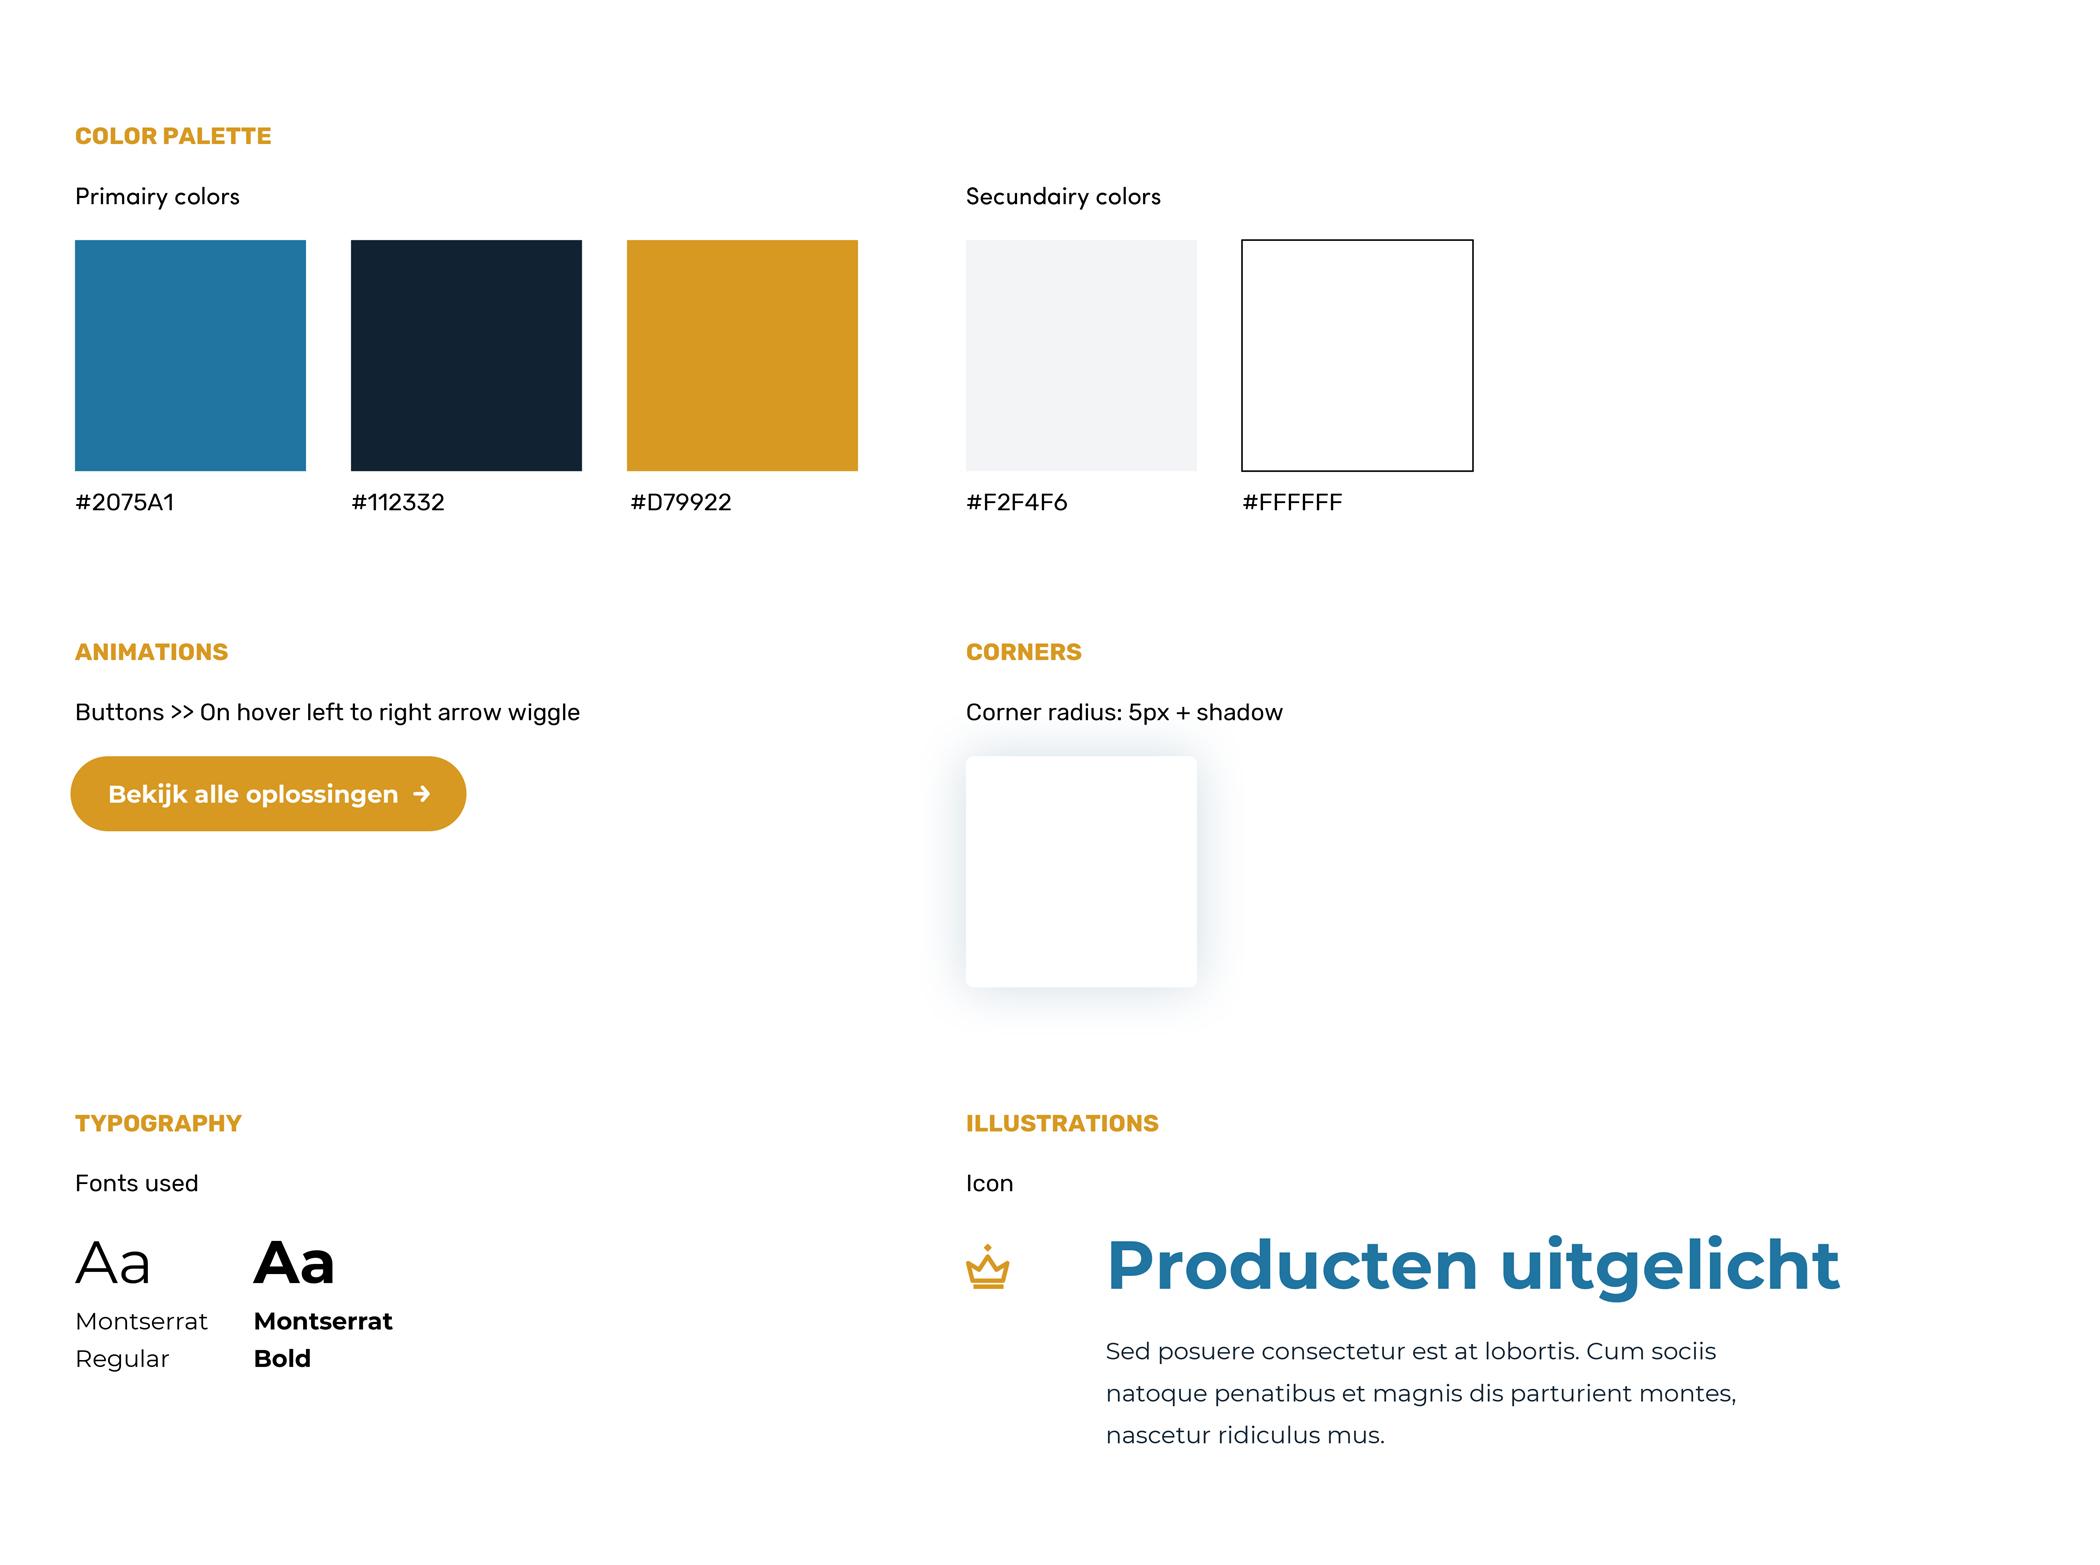 afbeelding ontwerpvoorbeeld styleguide dirkzwager, bevat kleuren, teksten, groottes, patronen.